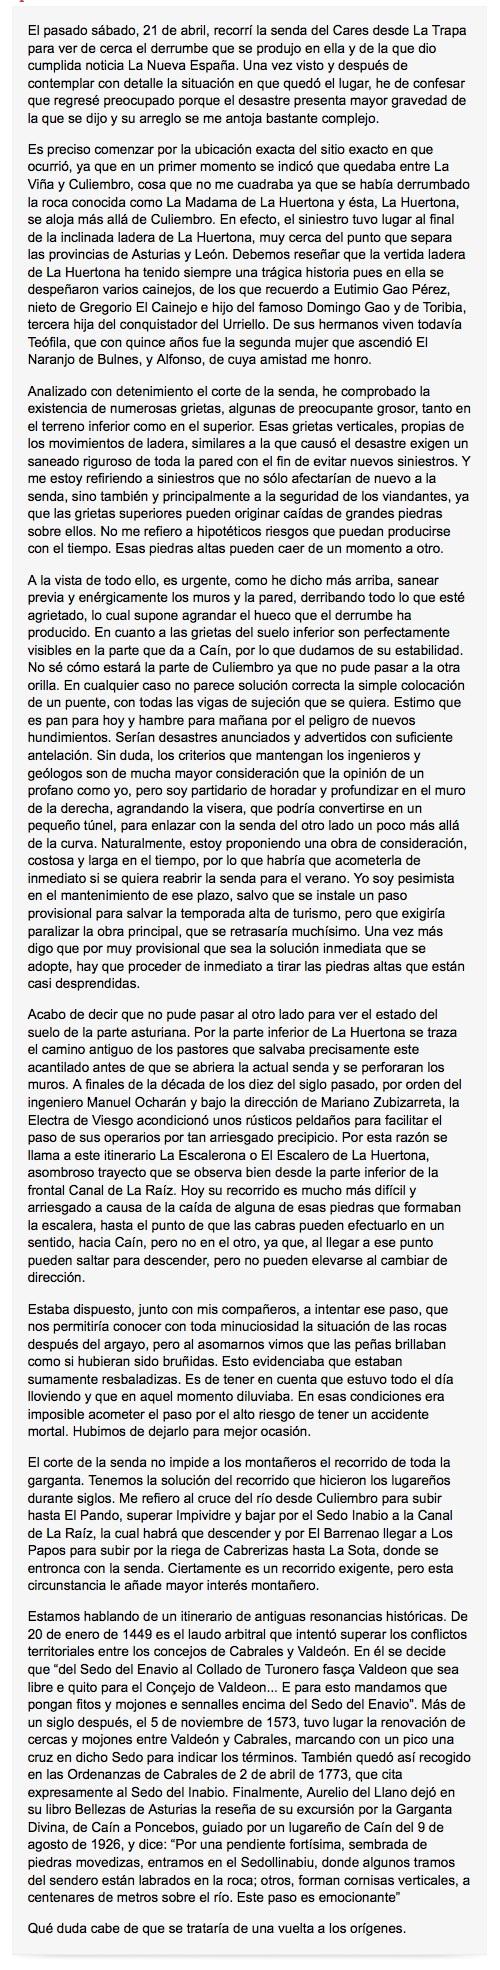 Francisco Ballesteros opina sobre la pasarela en la Ruta del Cares